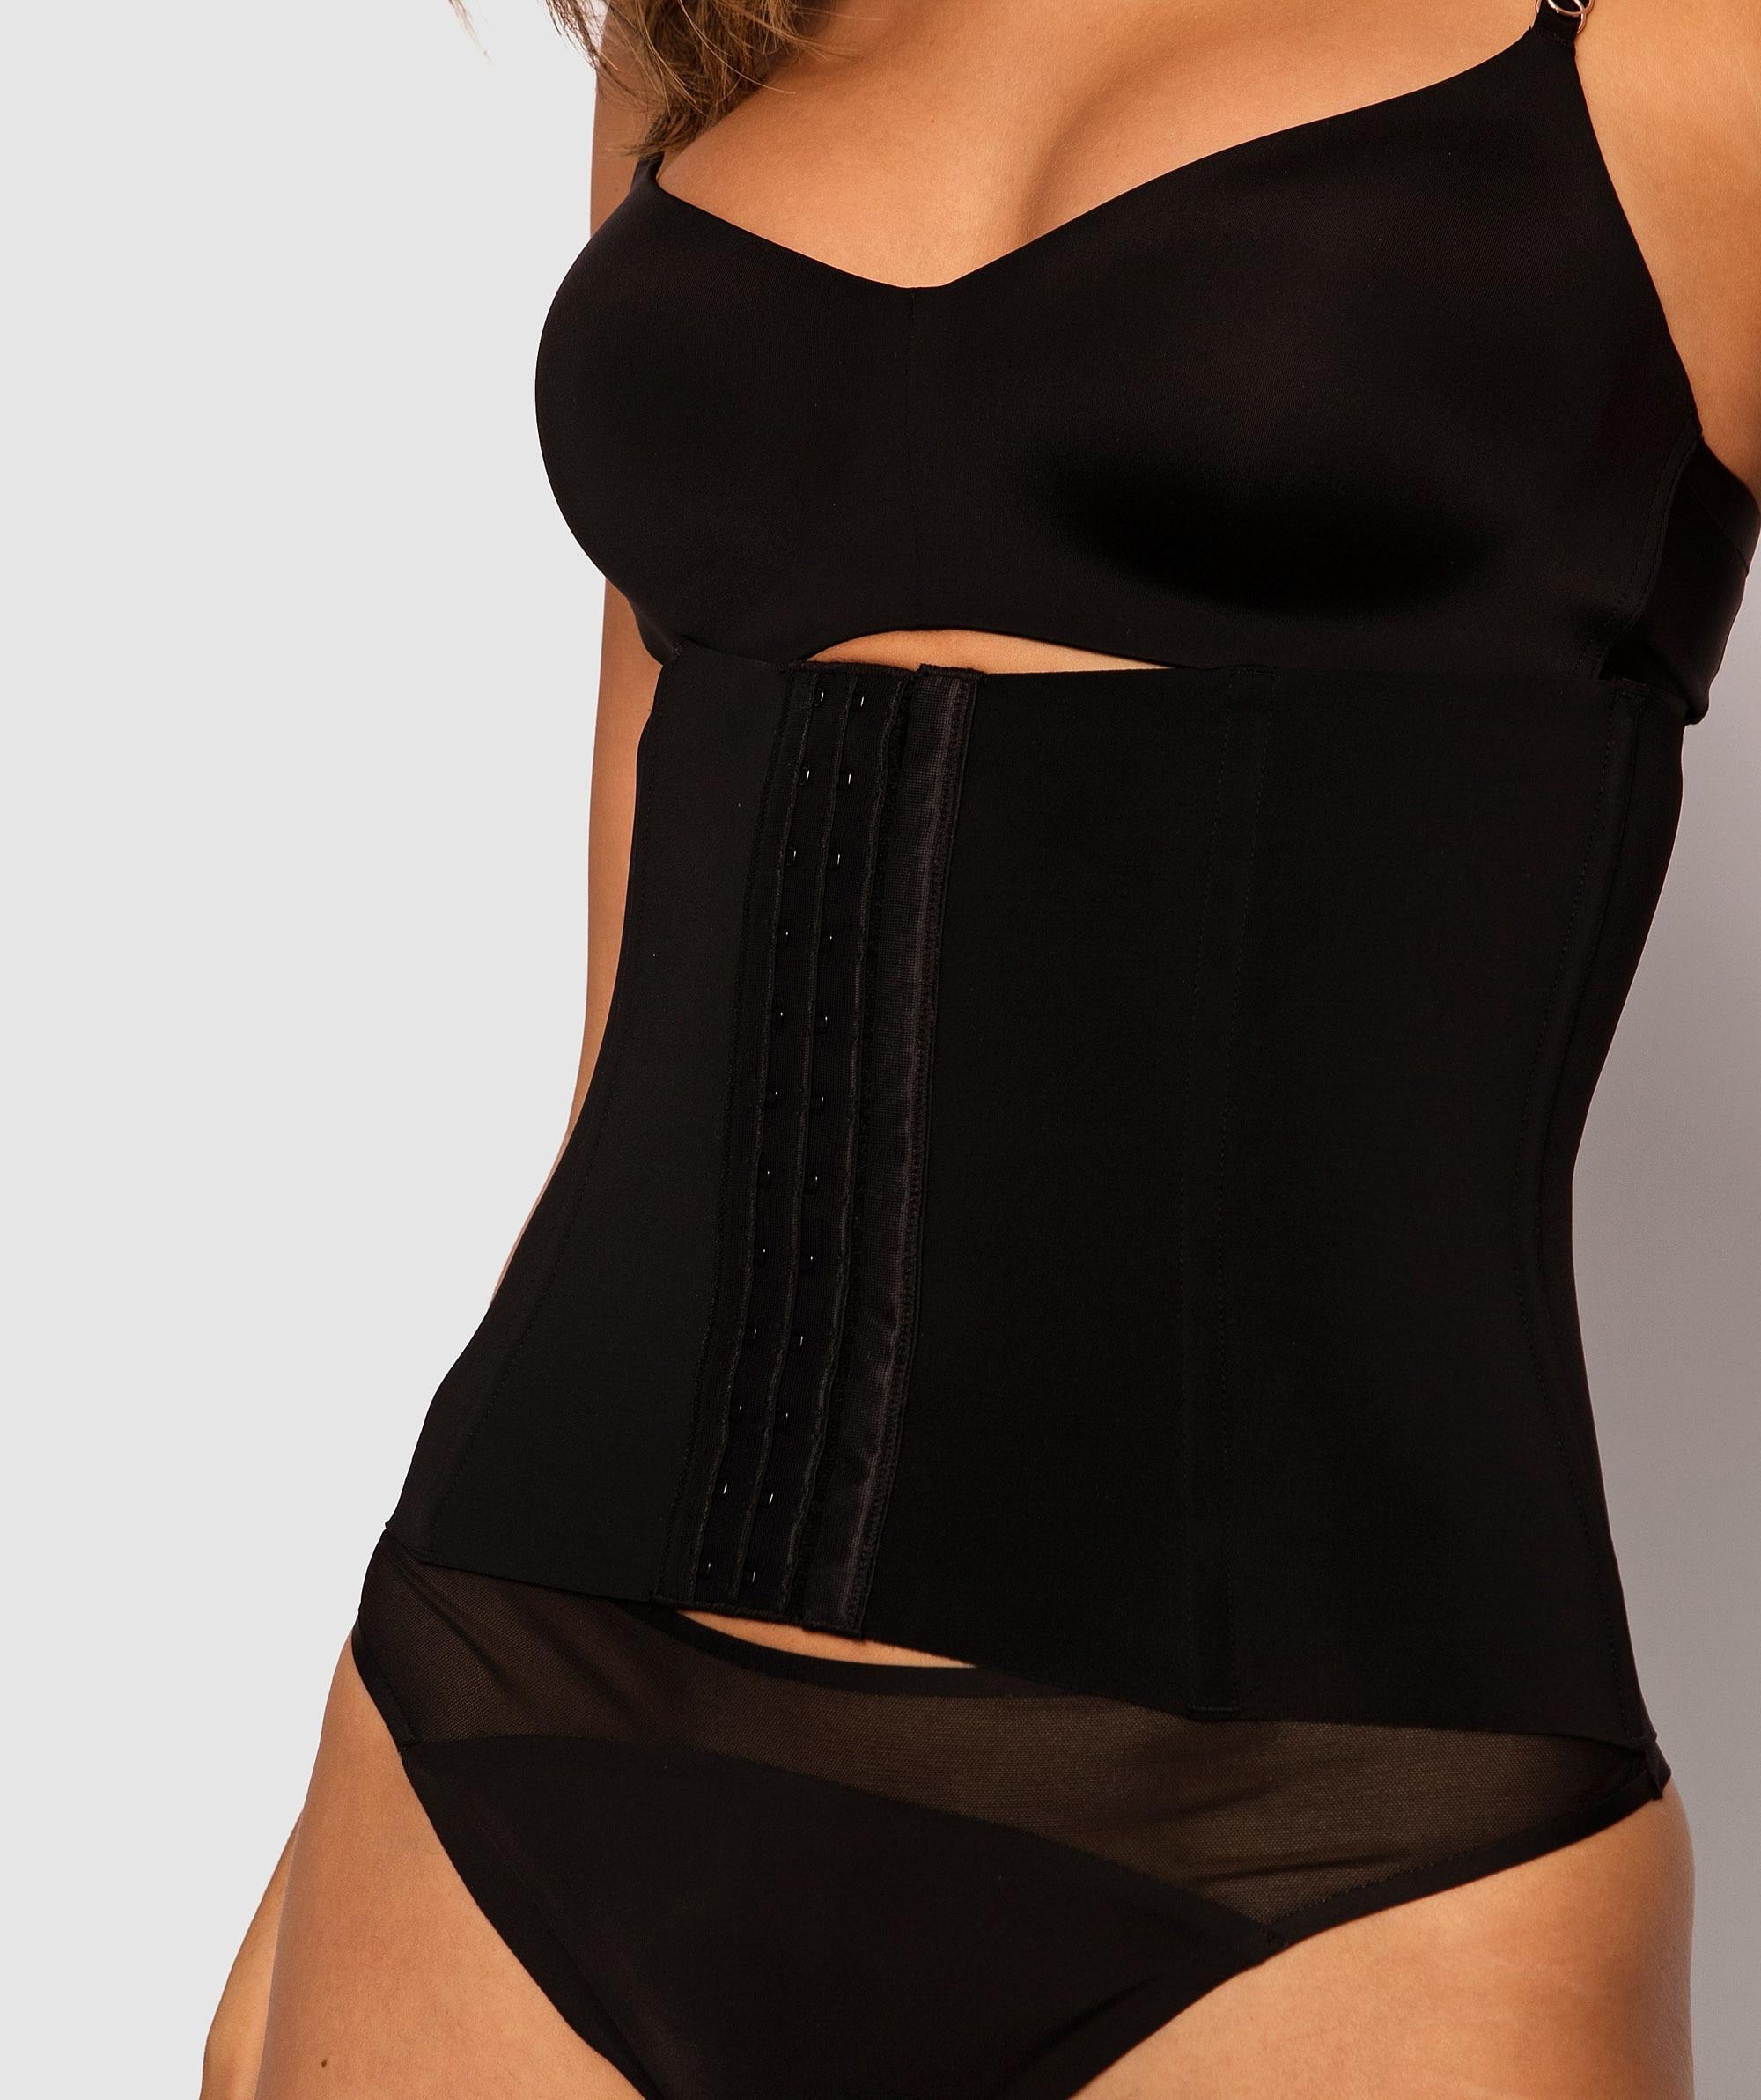 Smooth Sensation Waist Cincher - Black